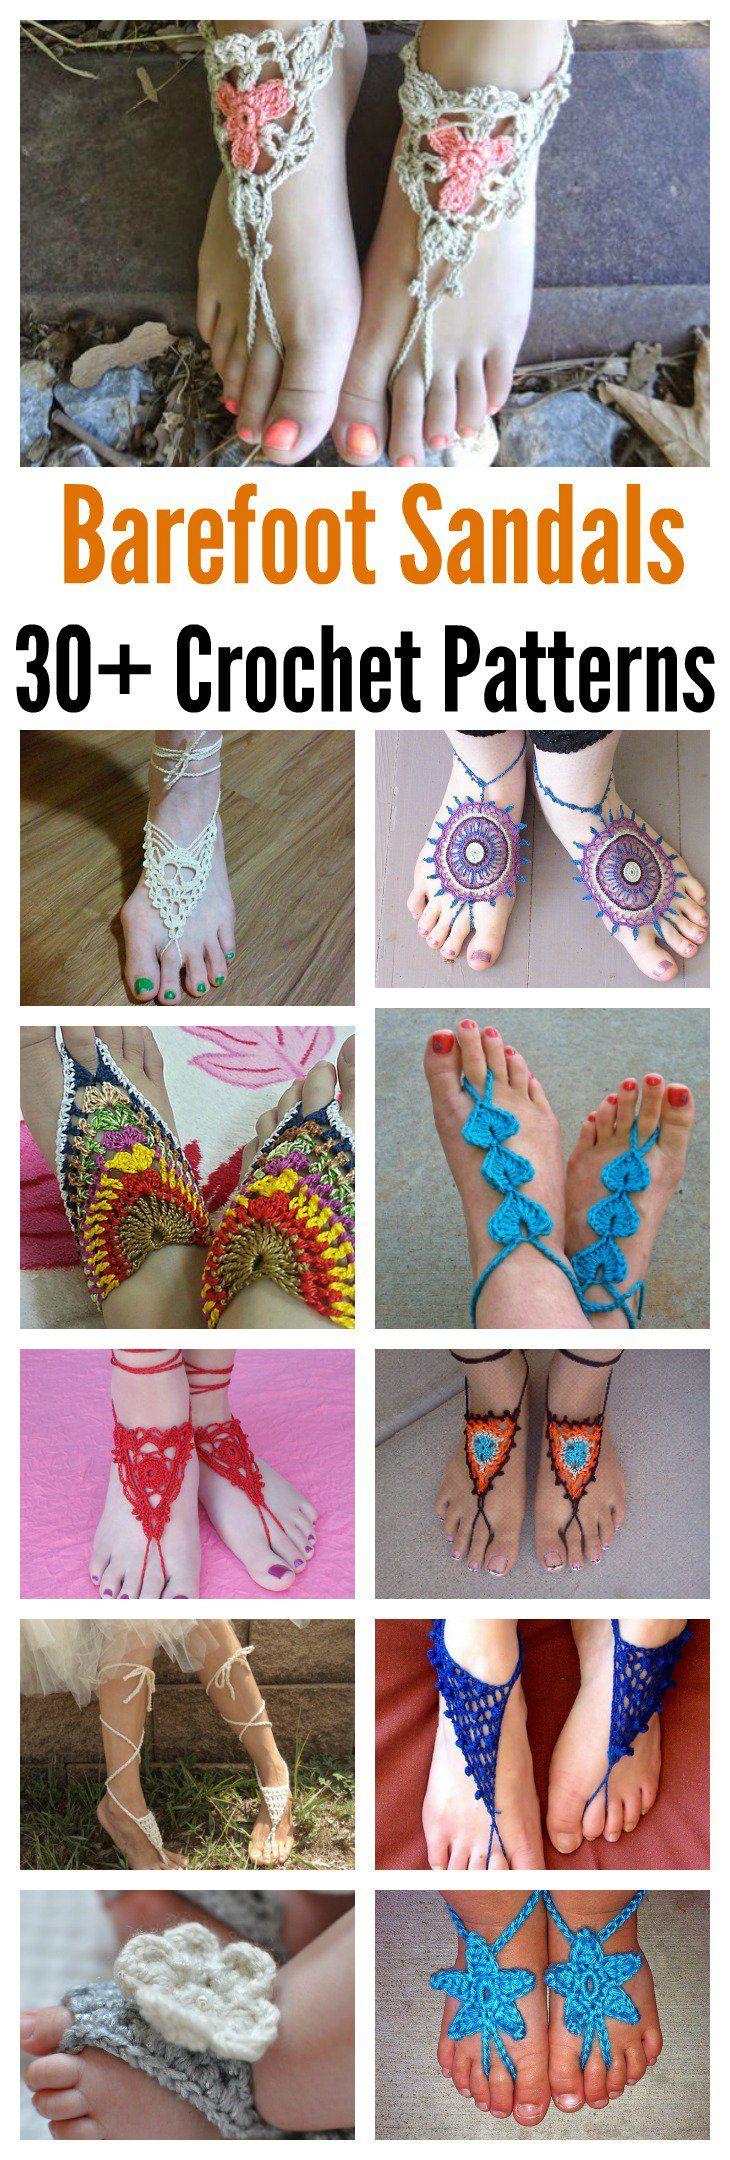 30+ Crochet Barefoot Sandals Patterns